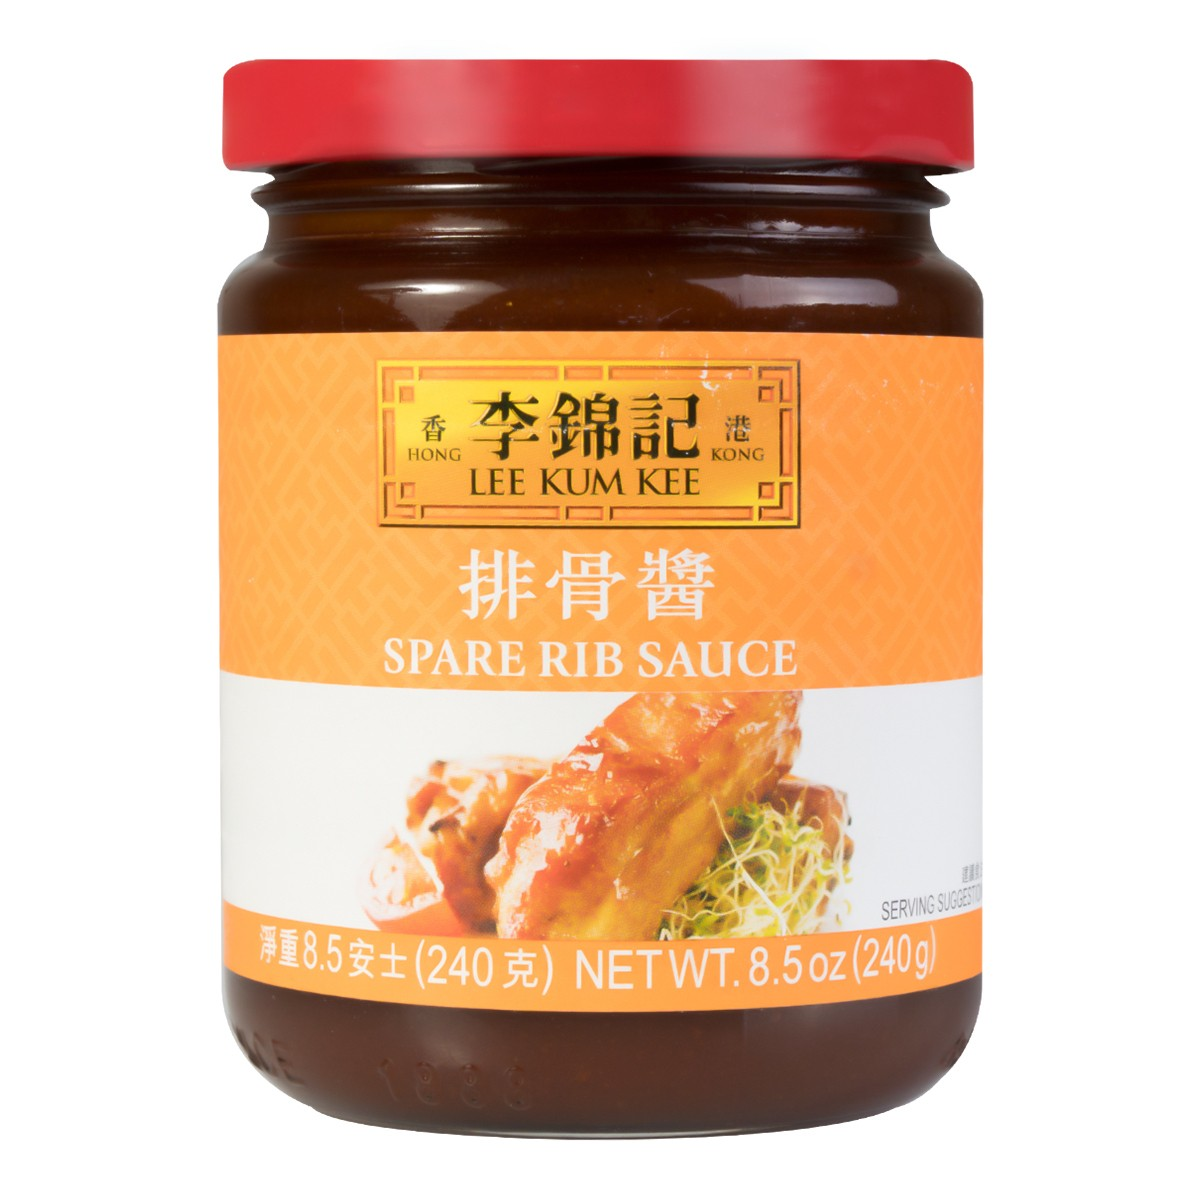 香港李锦记 排骨酱 240g